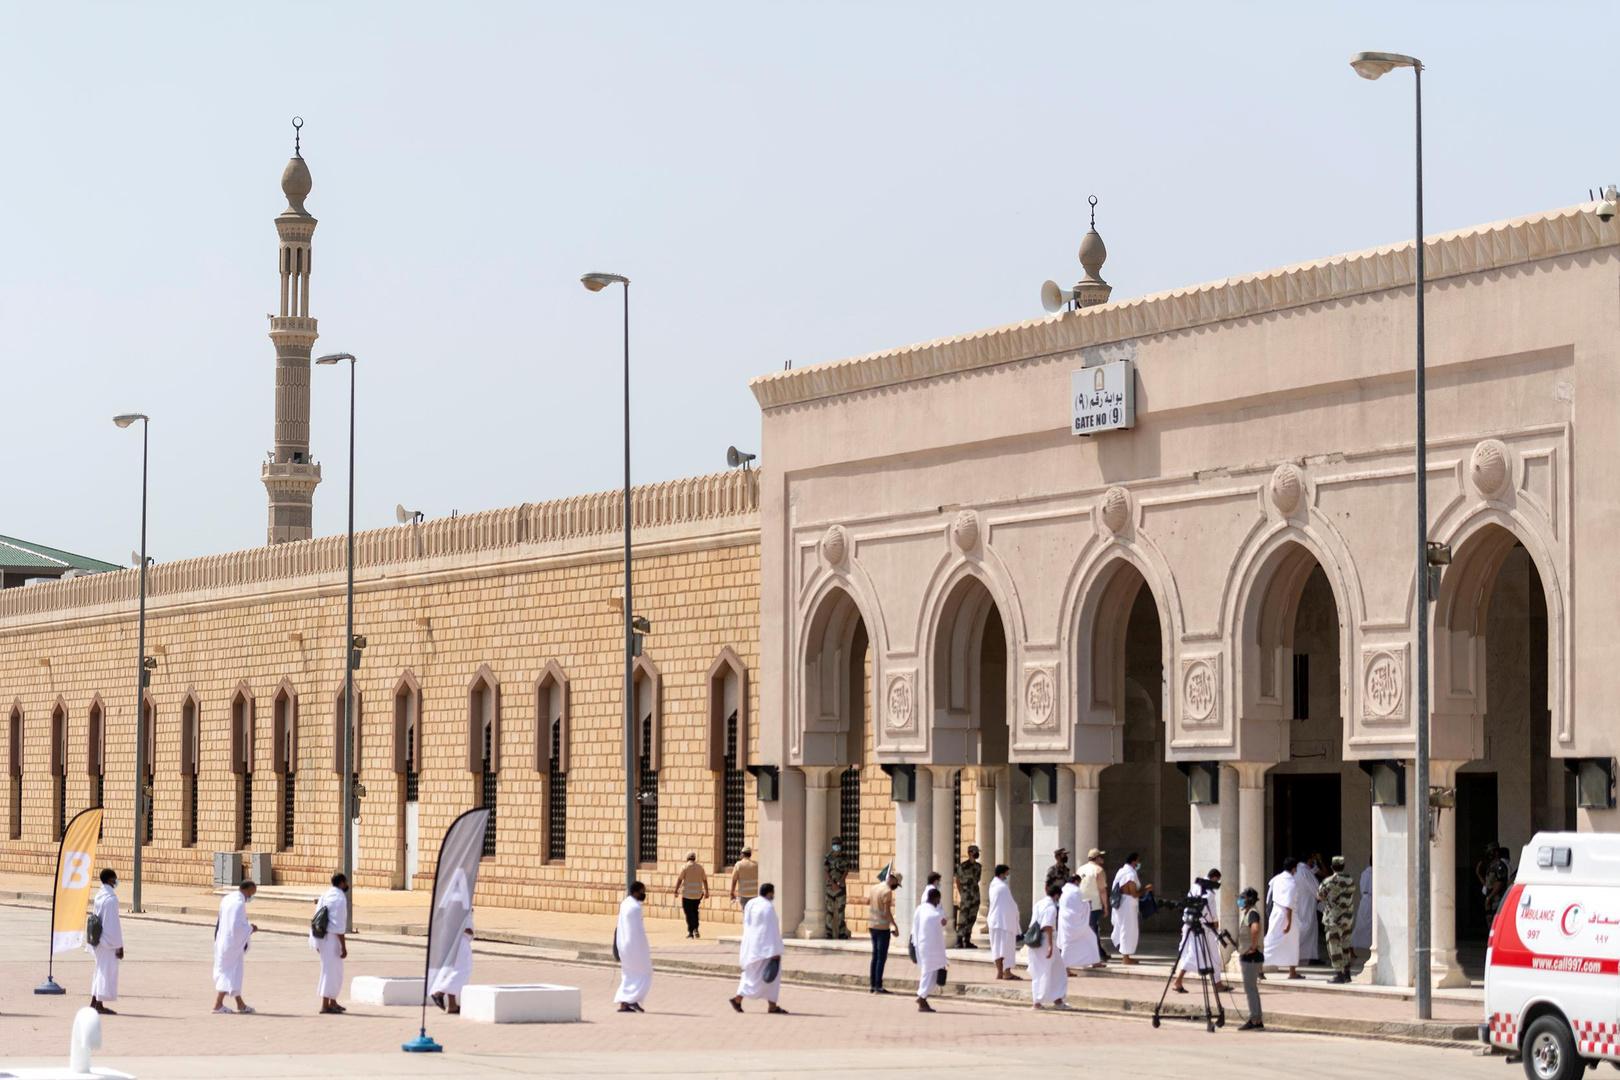 السعودية.. قصر استعمال مكبرات الصوت بالمساجد على الأذان والإقامة وضبطها بثلث درجة الجهاز